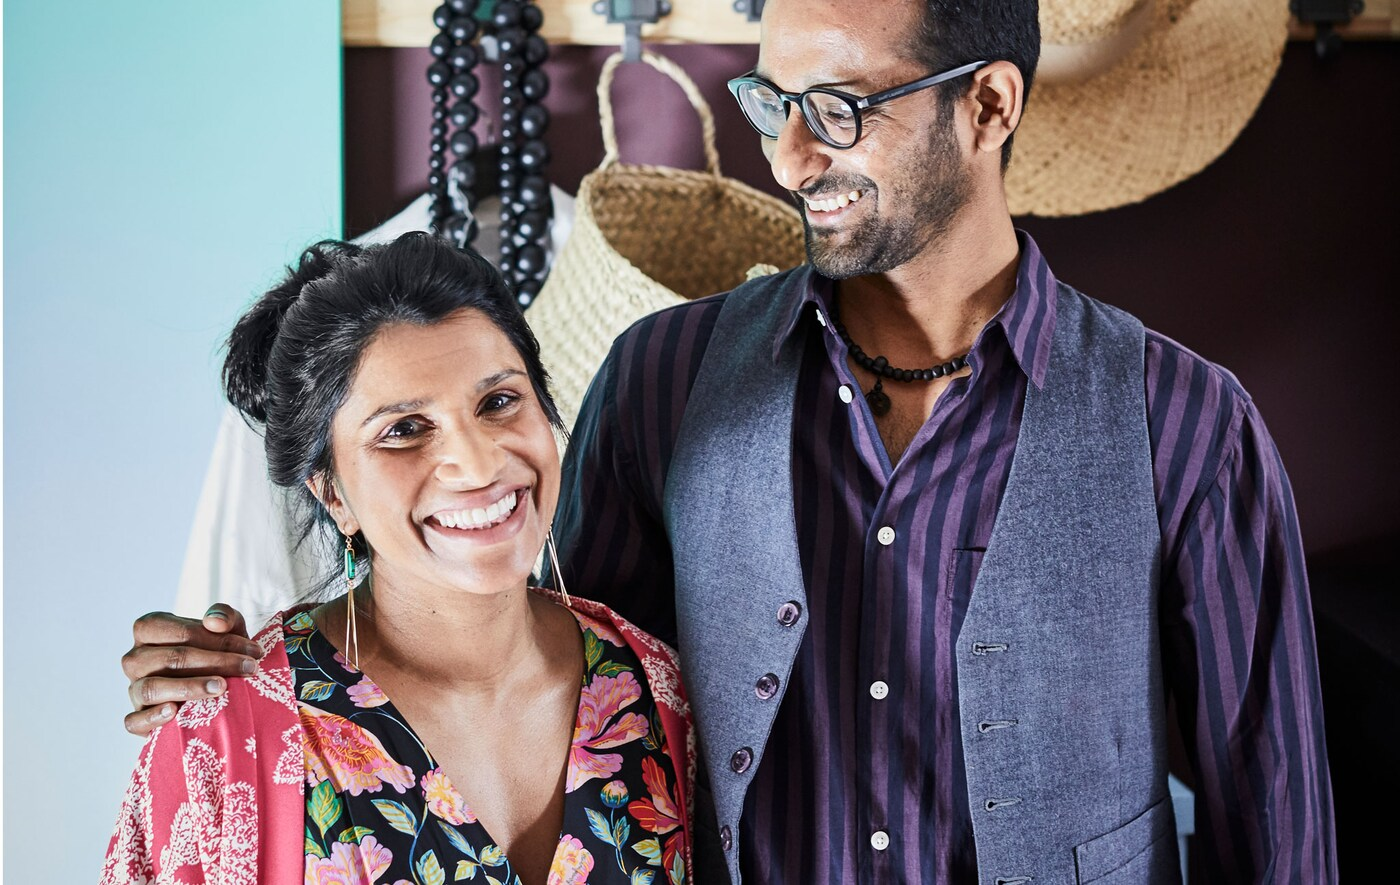 Lien vers la page IDÉE «Quand les opposés s'attirent» – photo d'une femme et d'un homme ayant la trentaine qui sourient.